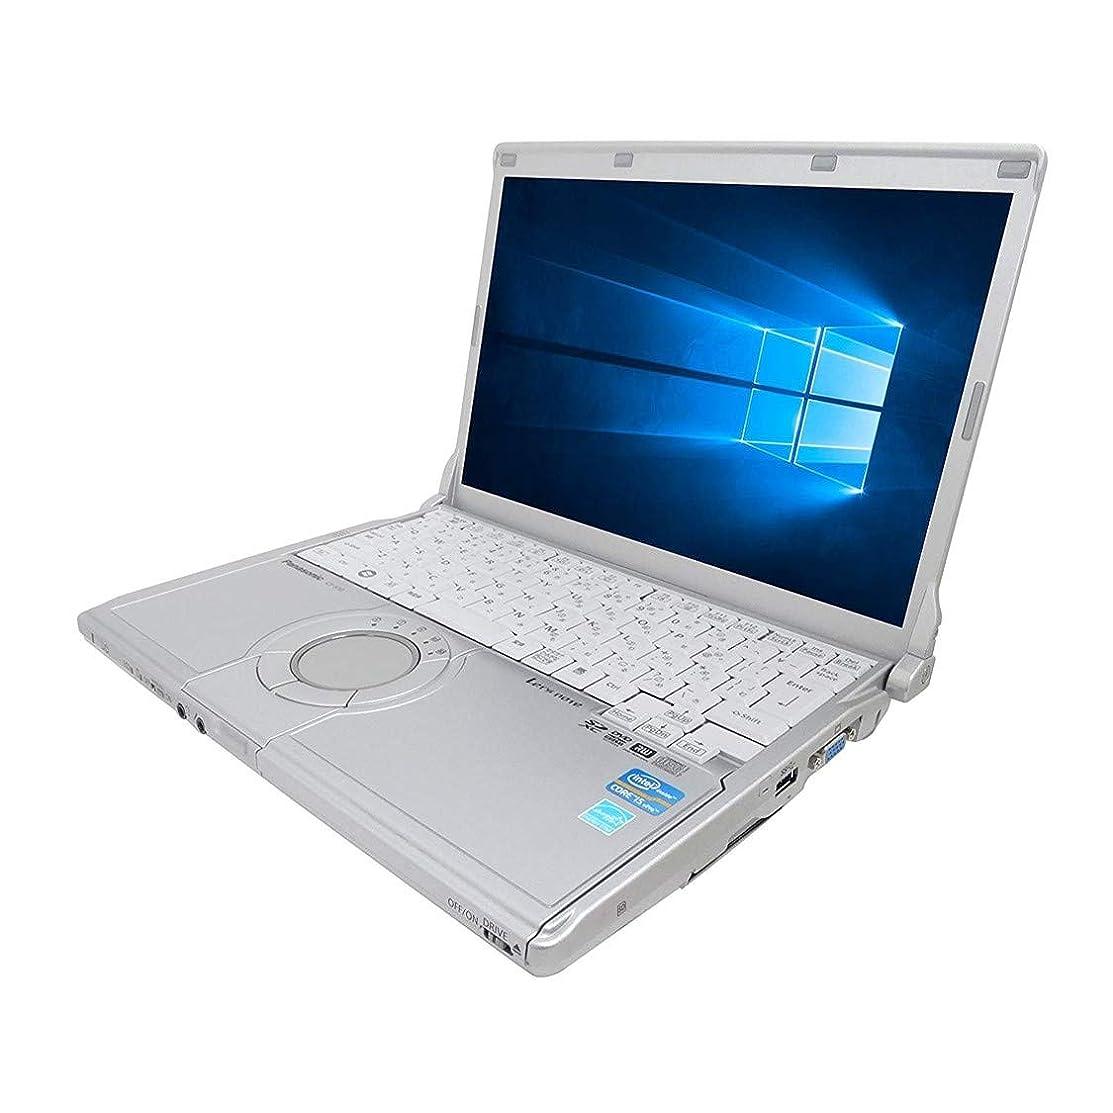 誇りに思う延期するトレーニング【Microsoft Office 2016搭載】【Win 10搭載】Panasonic CF-S10/次世代Core i5 2.5GHz/メモリー4GB/HDD:500GB/DVDスーパーマルチ/12.1インチ/USB 3.0/無線LAN搭載/中古ノートパソコン (ハードディスク:500GB)